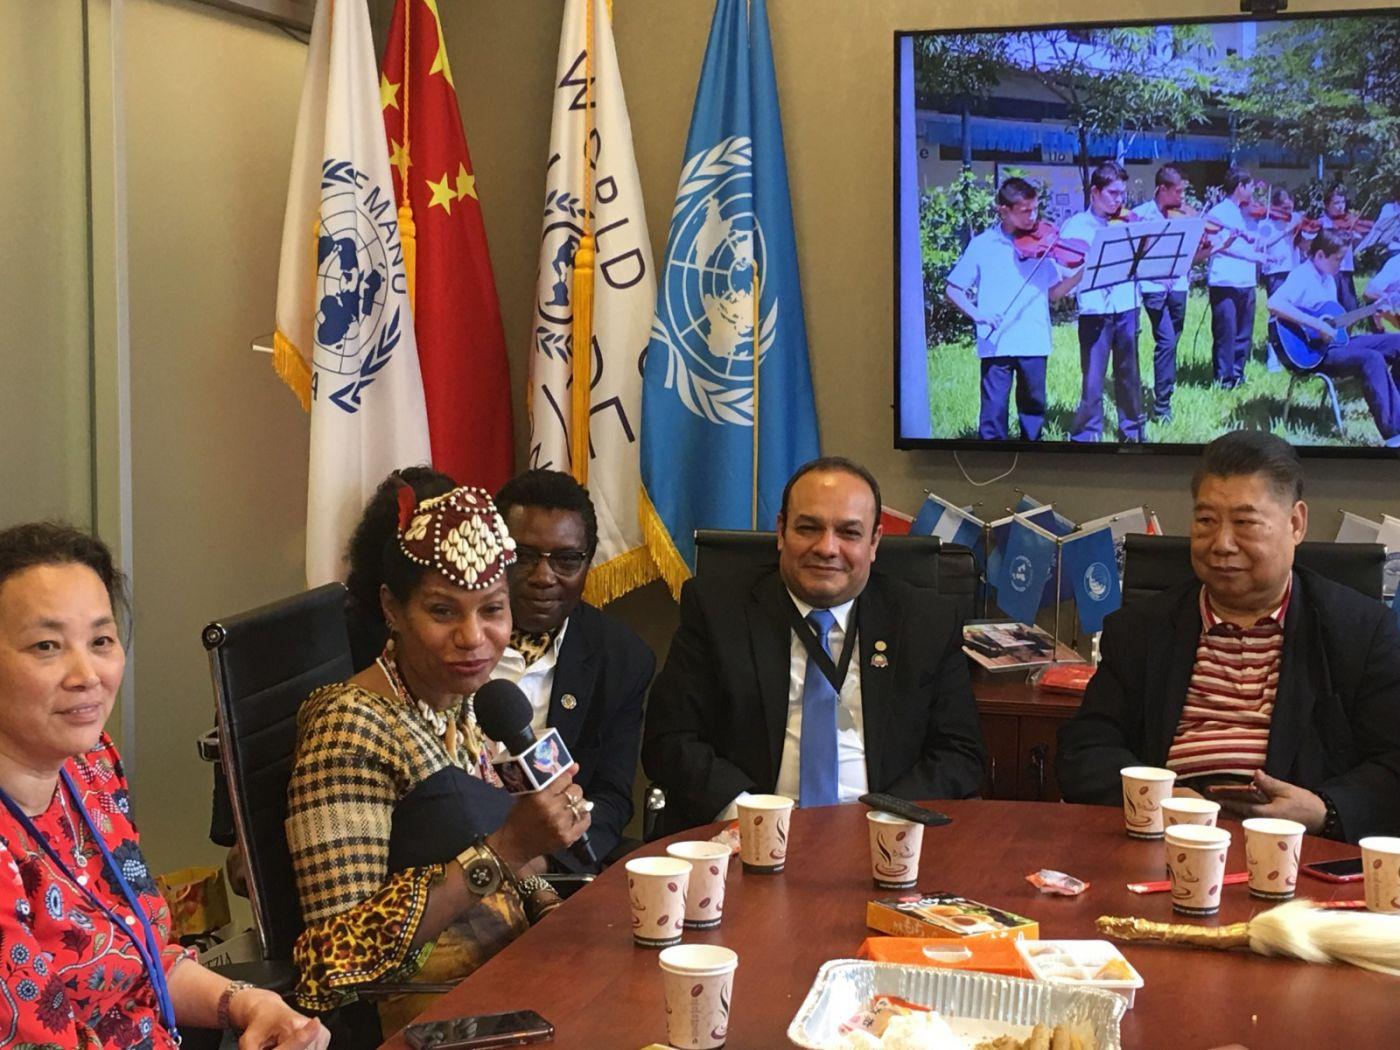 聯合國中華媽祖文化發展基金會受邀参加聯合國納尔遜.曼德拉国际日的一系列活动 ..._图1-18